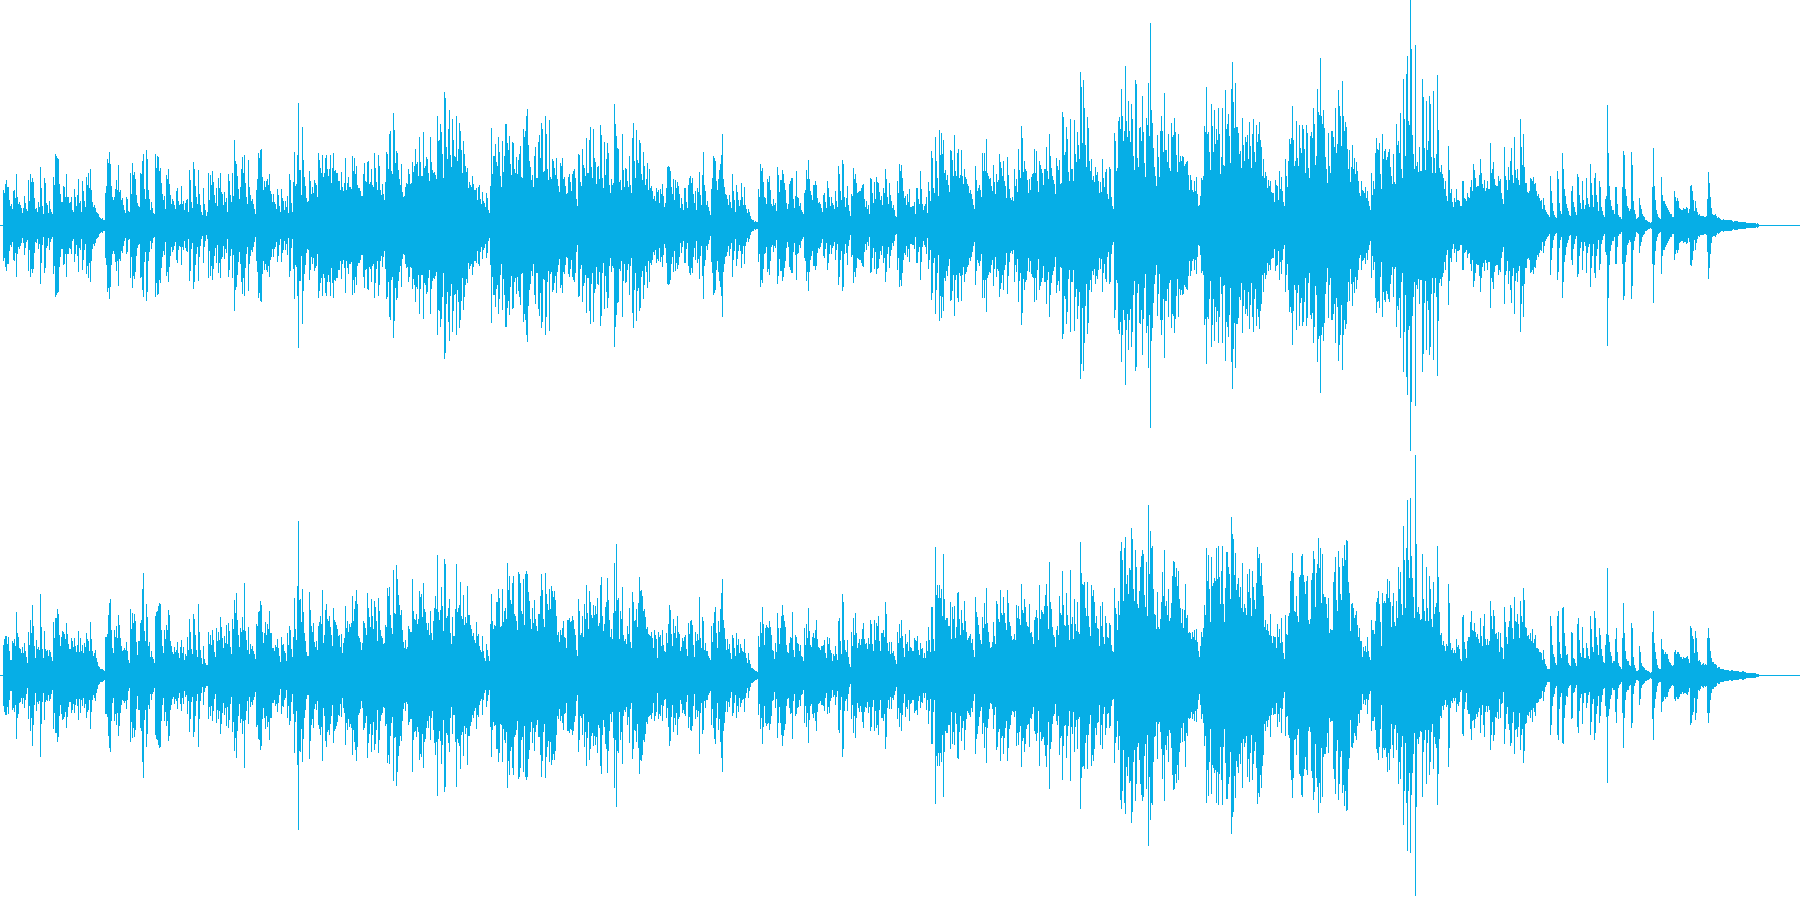 切ないピアノバラード「祈り」の再生済みの波形